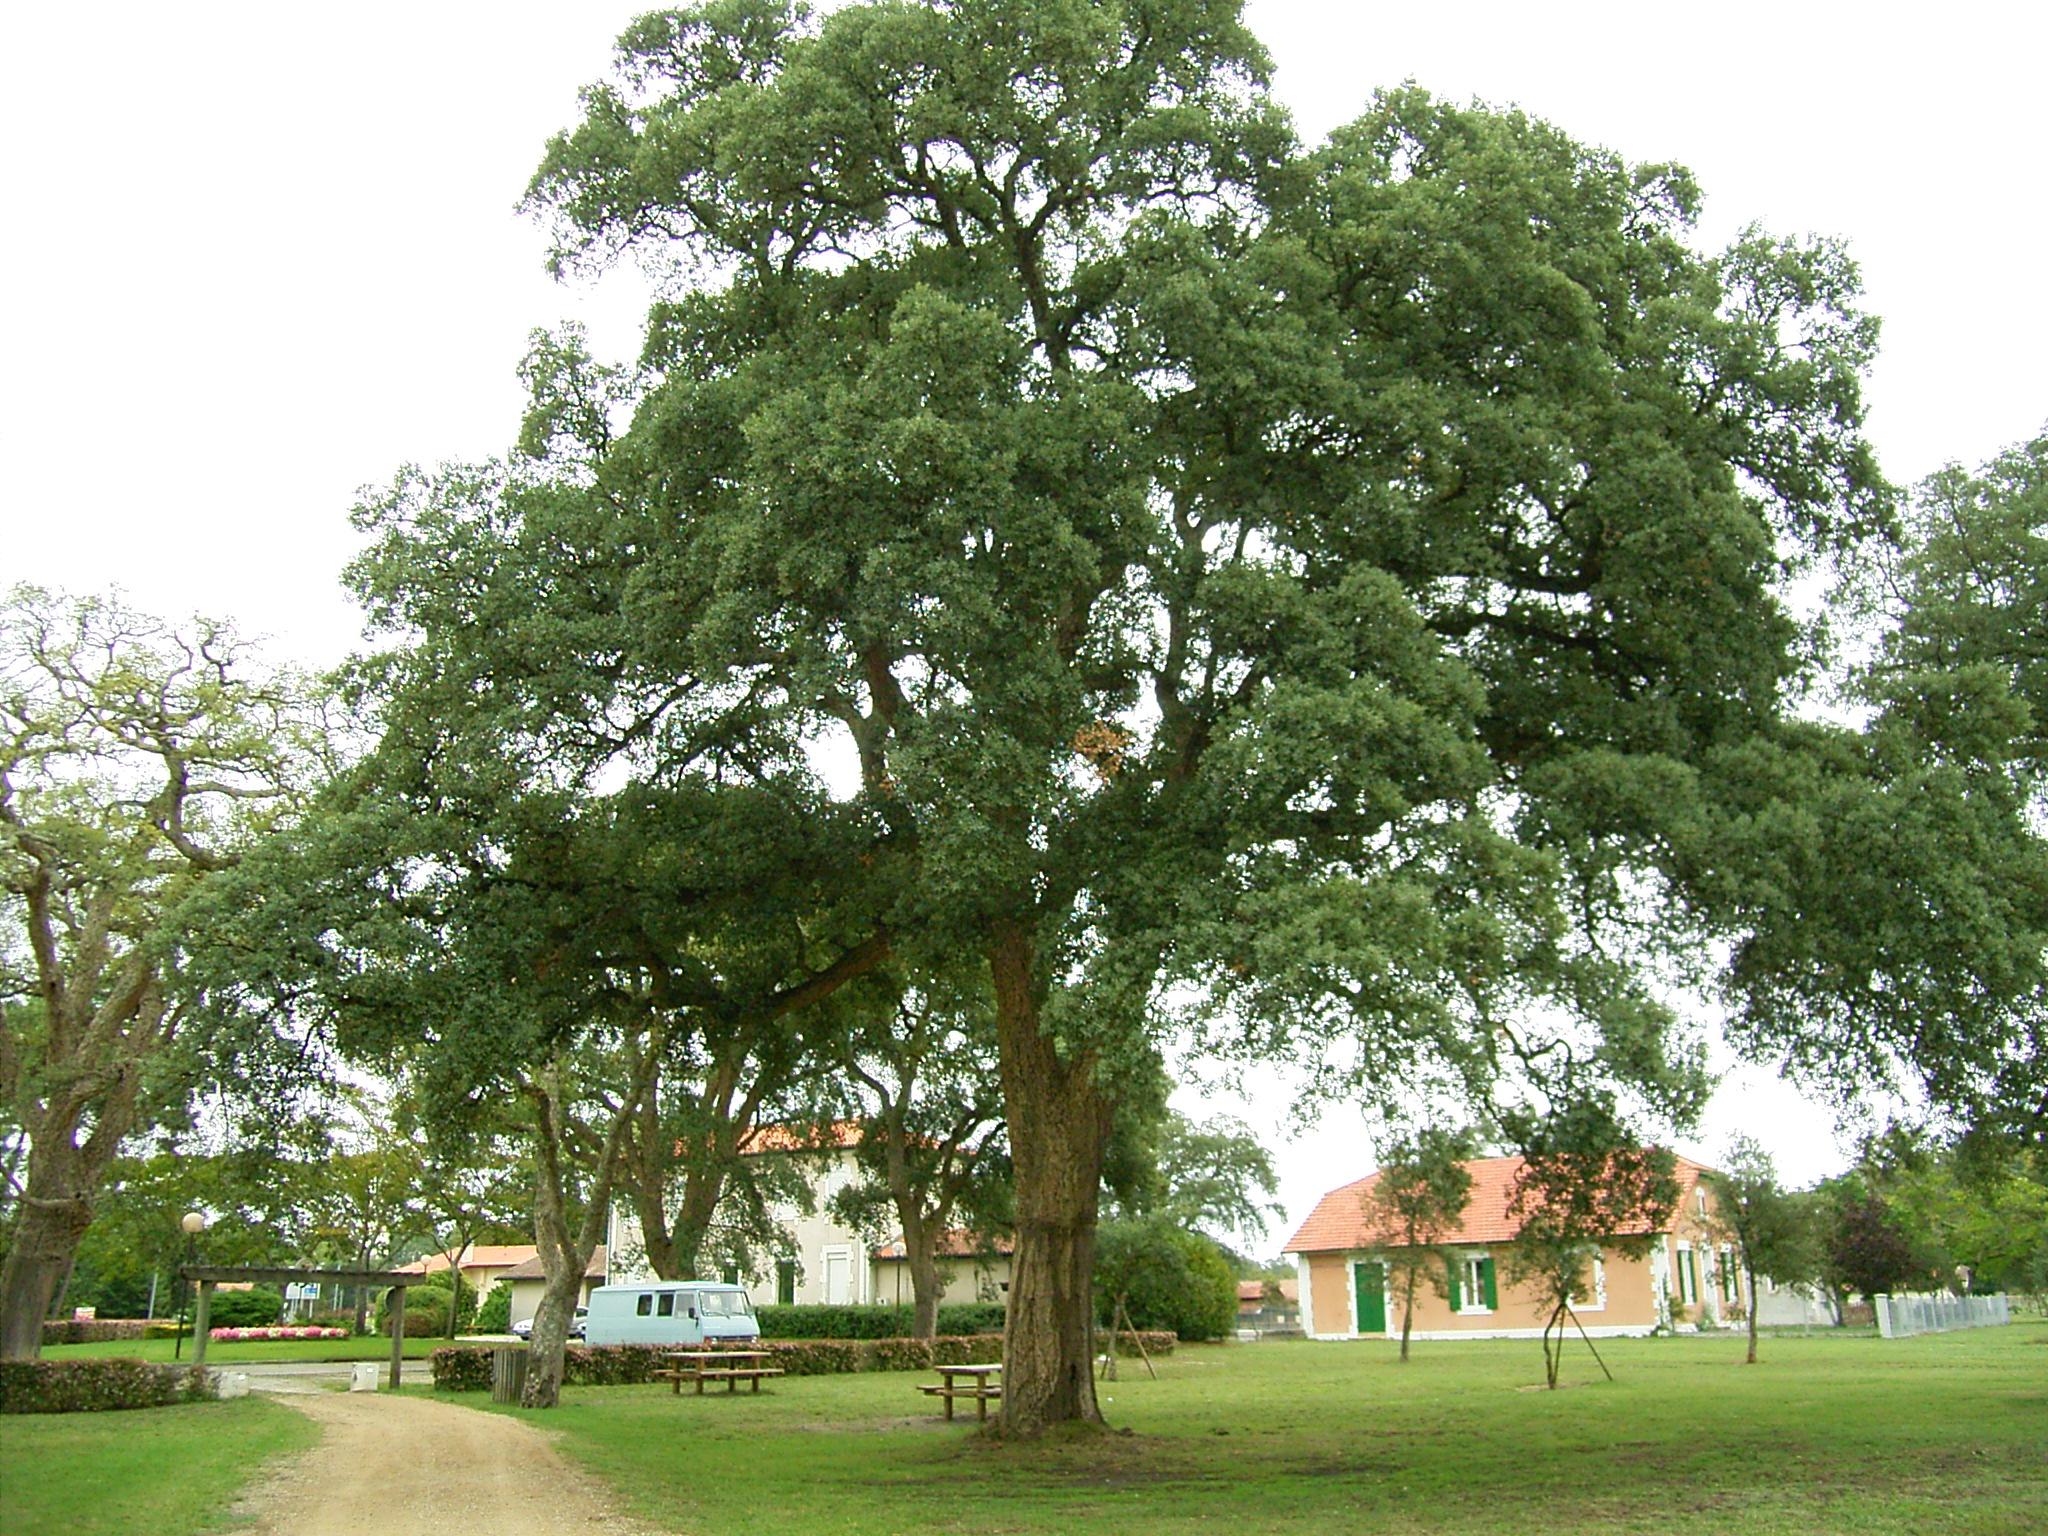 日立のCMで有名な「この木なんの木」は何という …